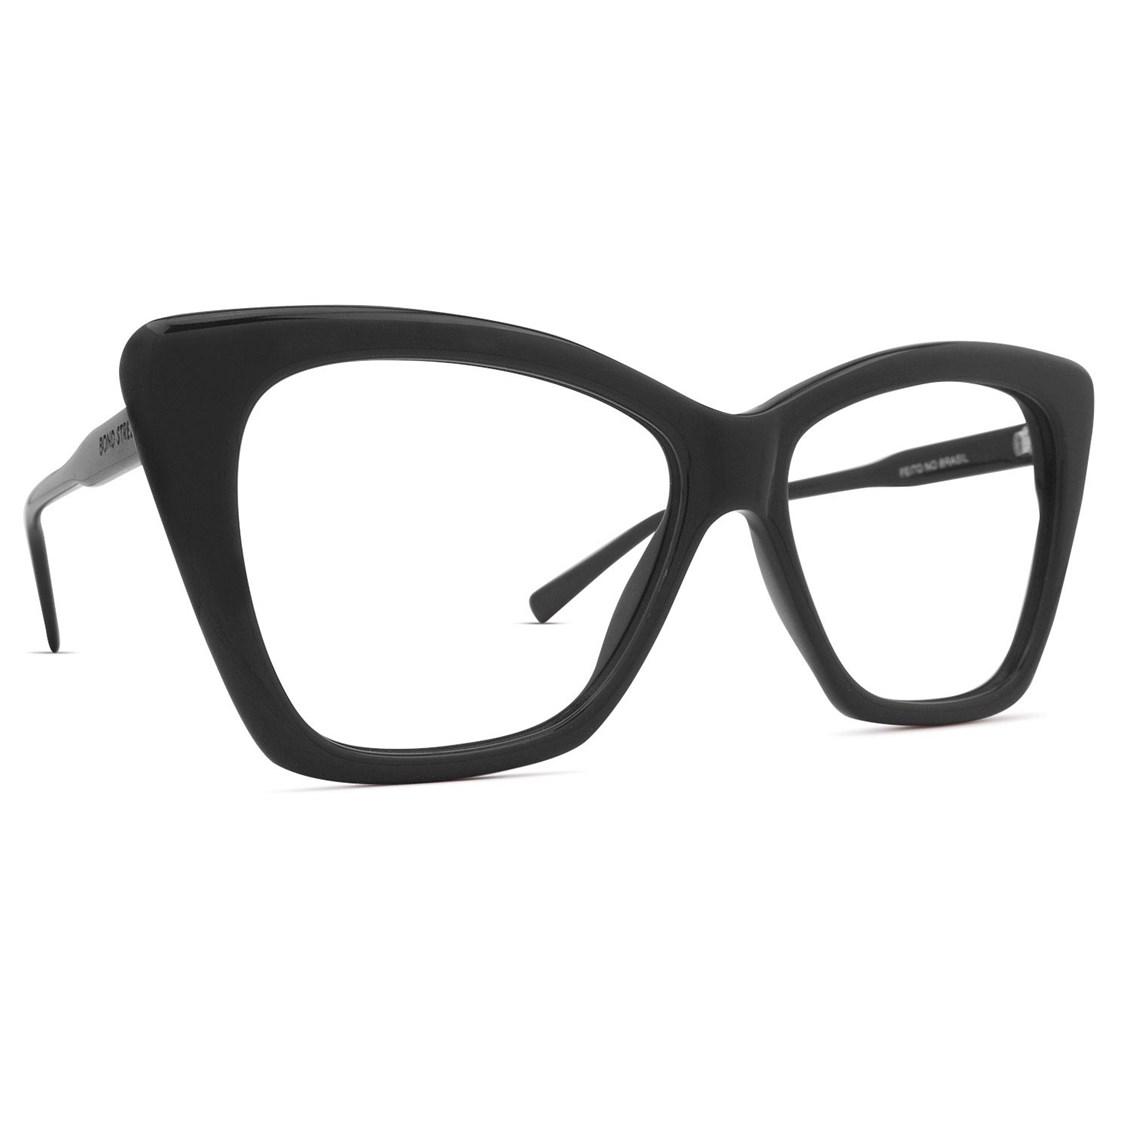 Óculos de Grau Bond Street Thames 9038 001-51